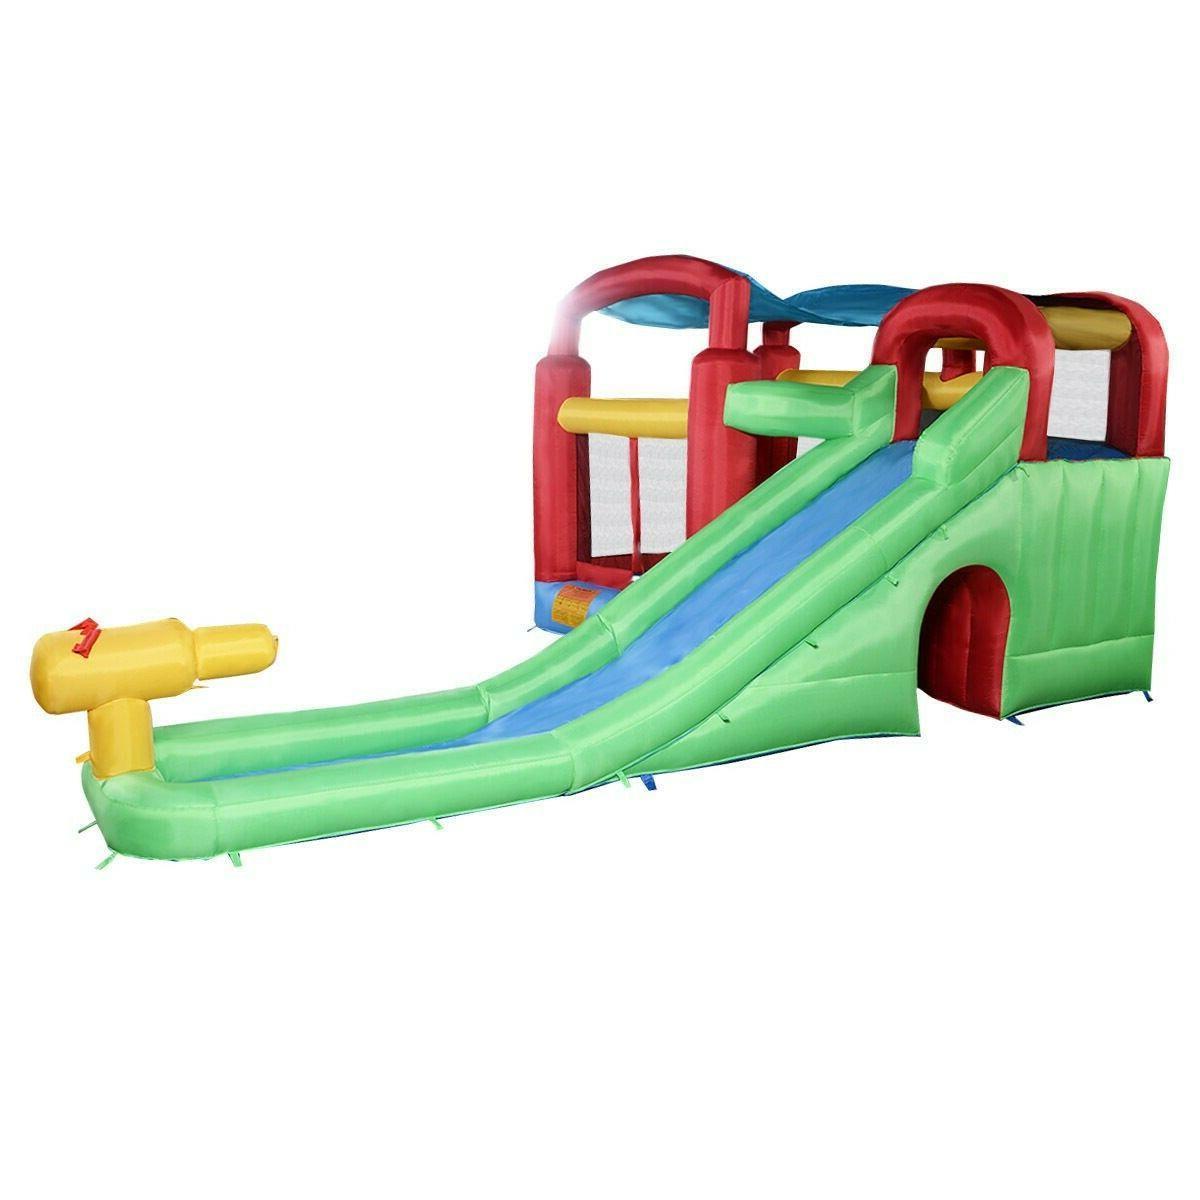 Slides Jumper Castle Kids Bouncy